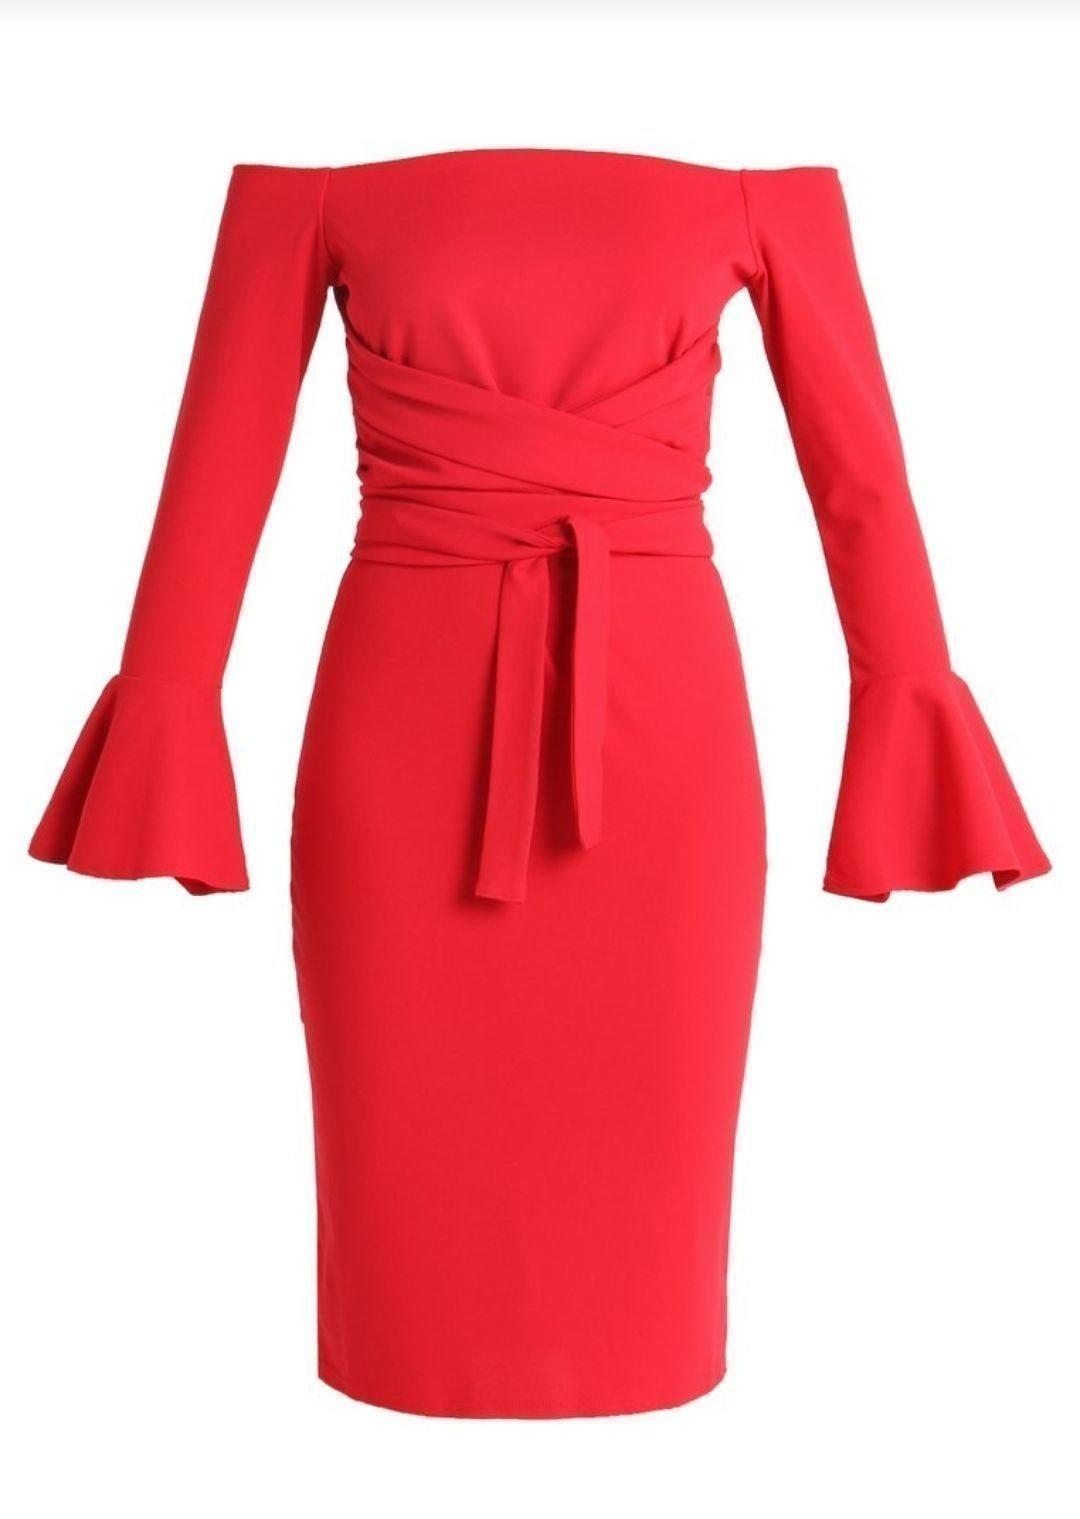 köpa röd klänning